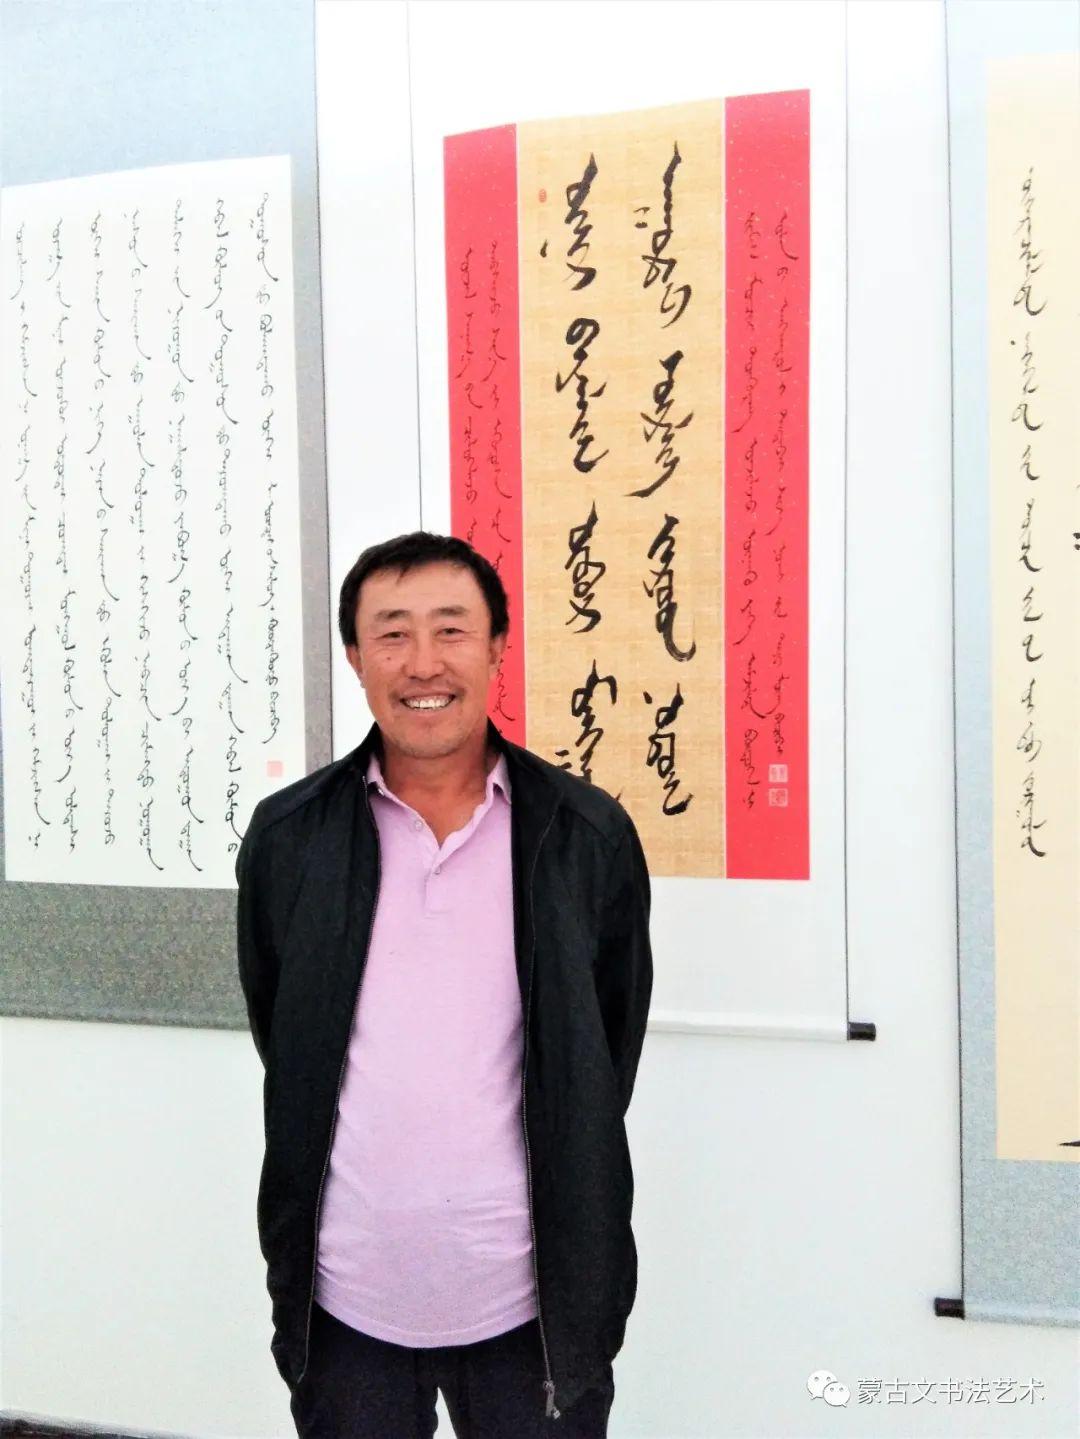 铁龙蒙古文书法 第1张